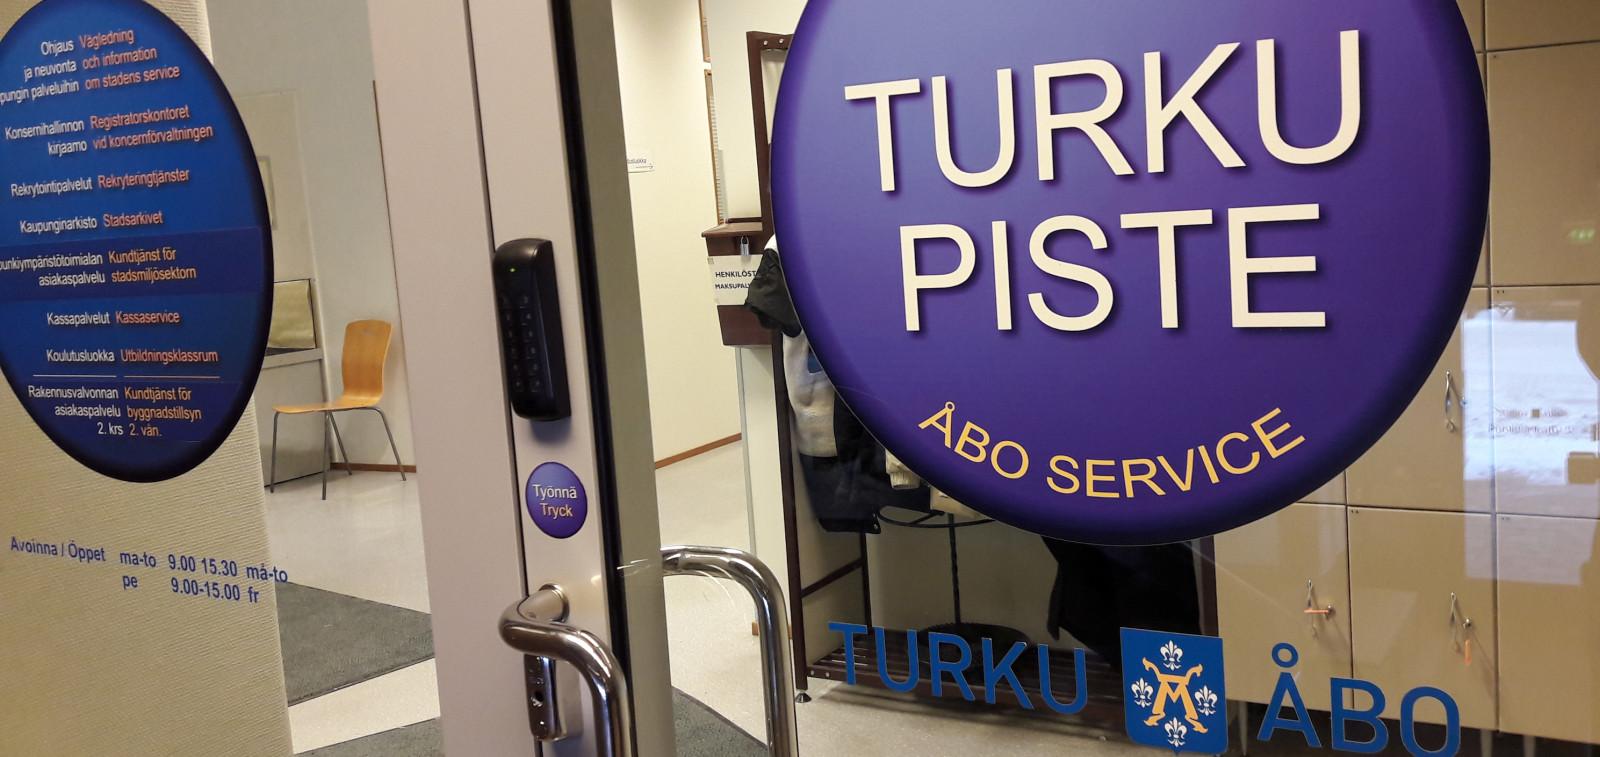 Turku-pisteen lasipariovi jossa kaksi isoa sinistä Turku-piste -tarraa